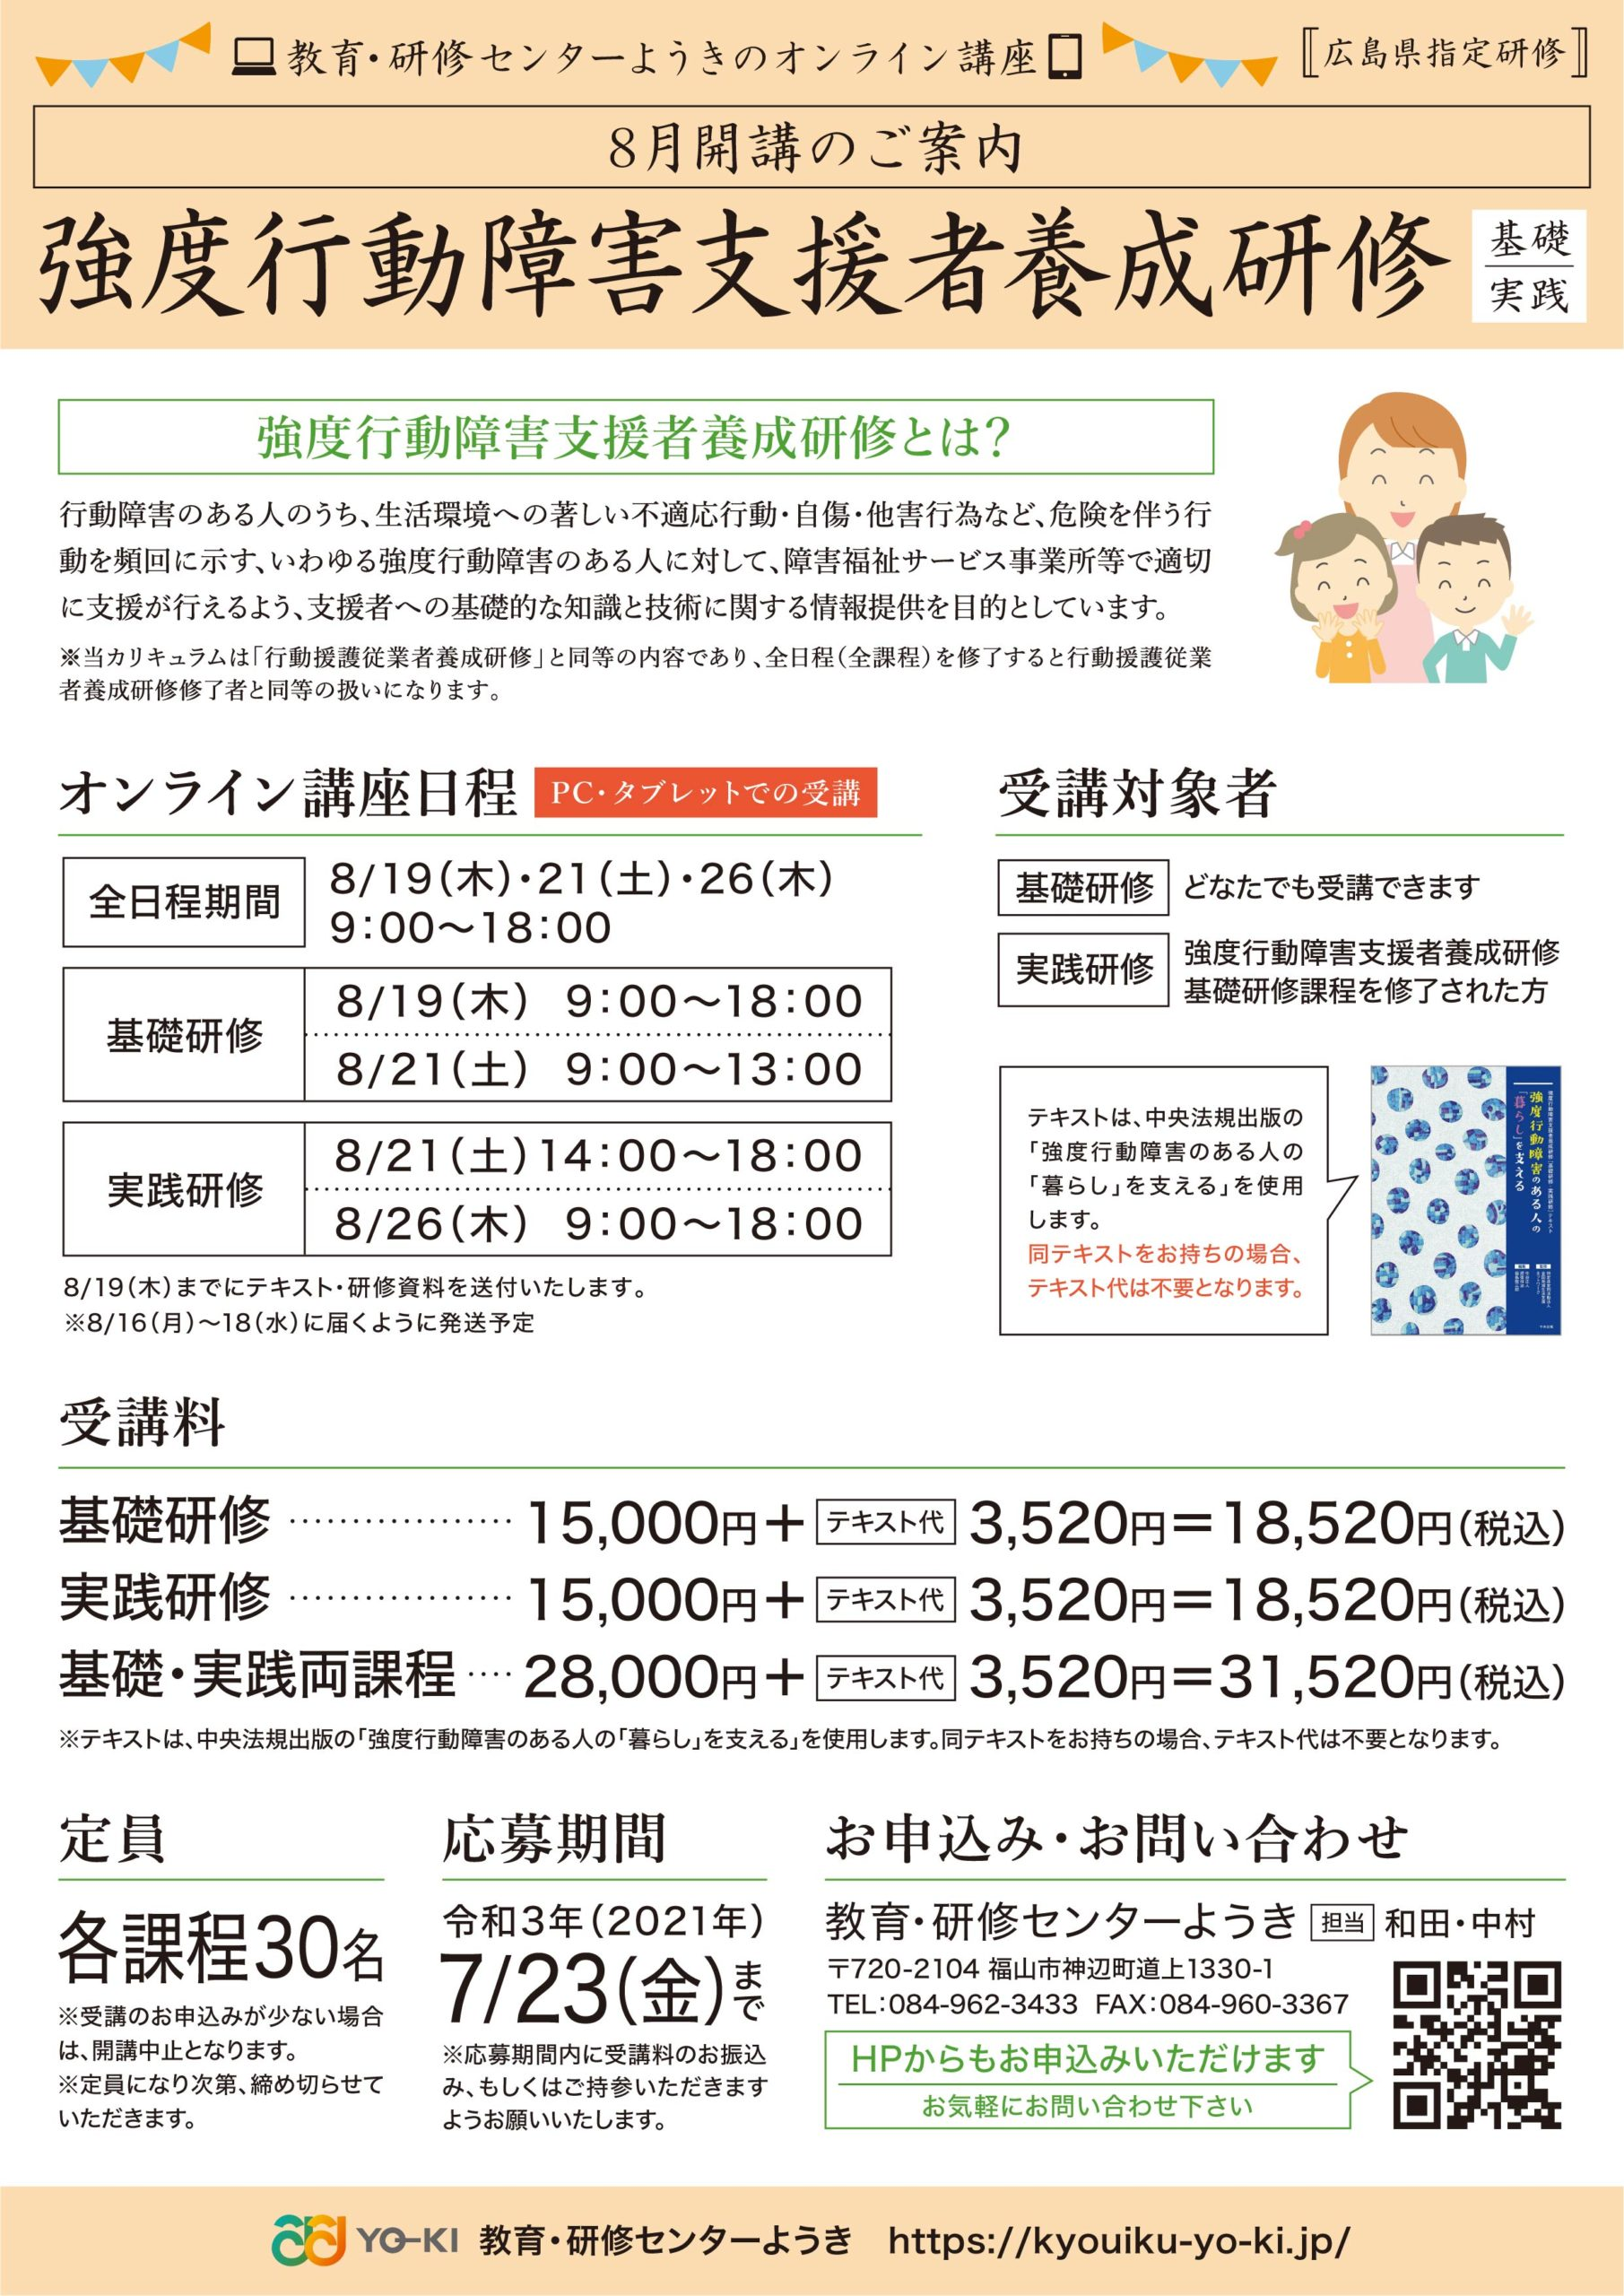 強度行動障害支援者養成研修 基礎・実践(2021-08)オンライン追加版-オモテ